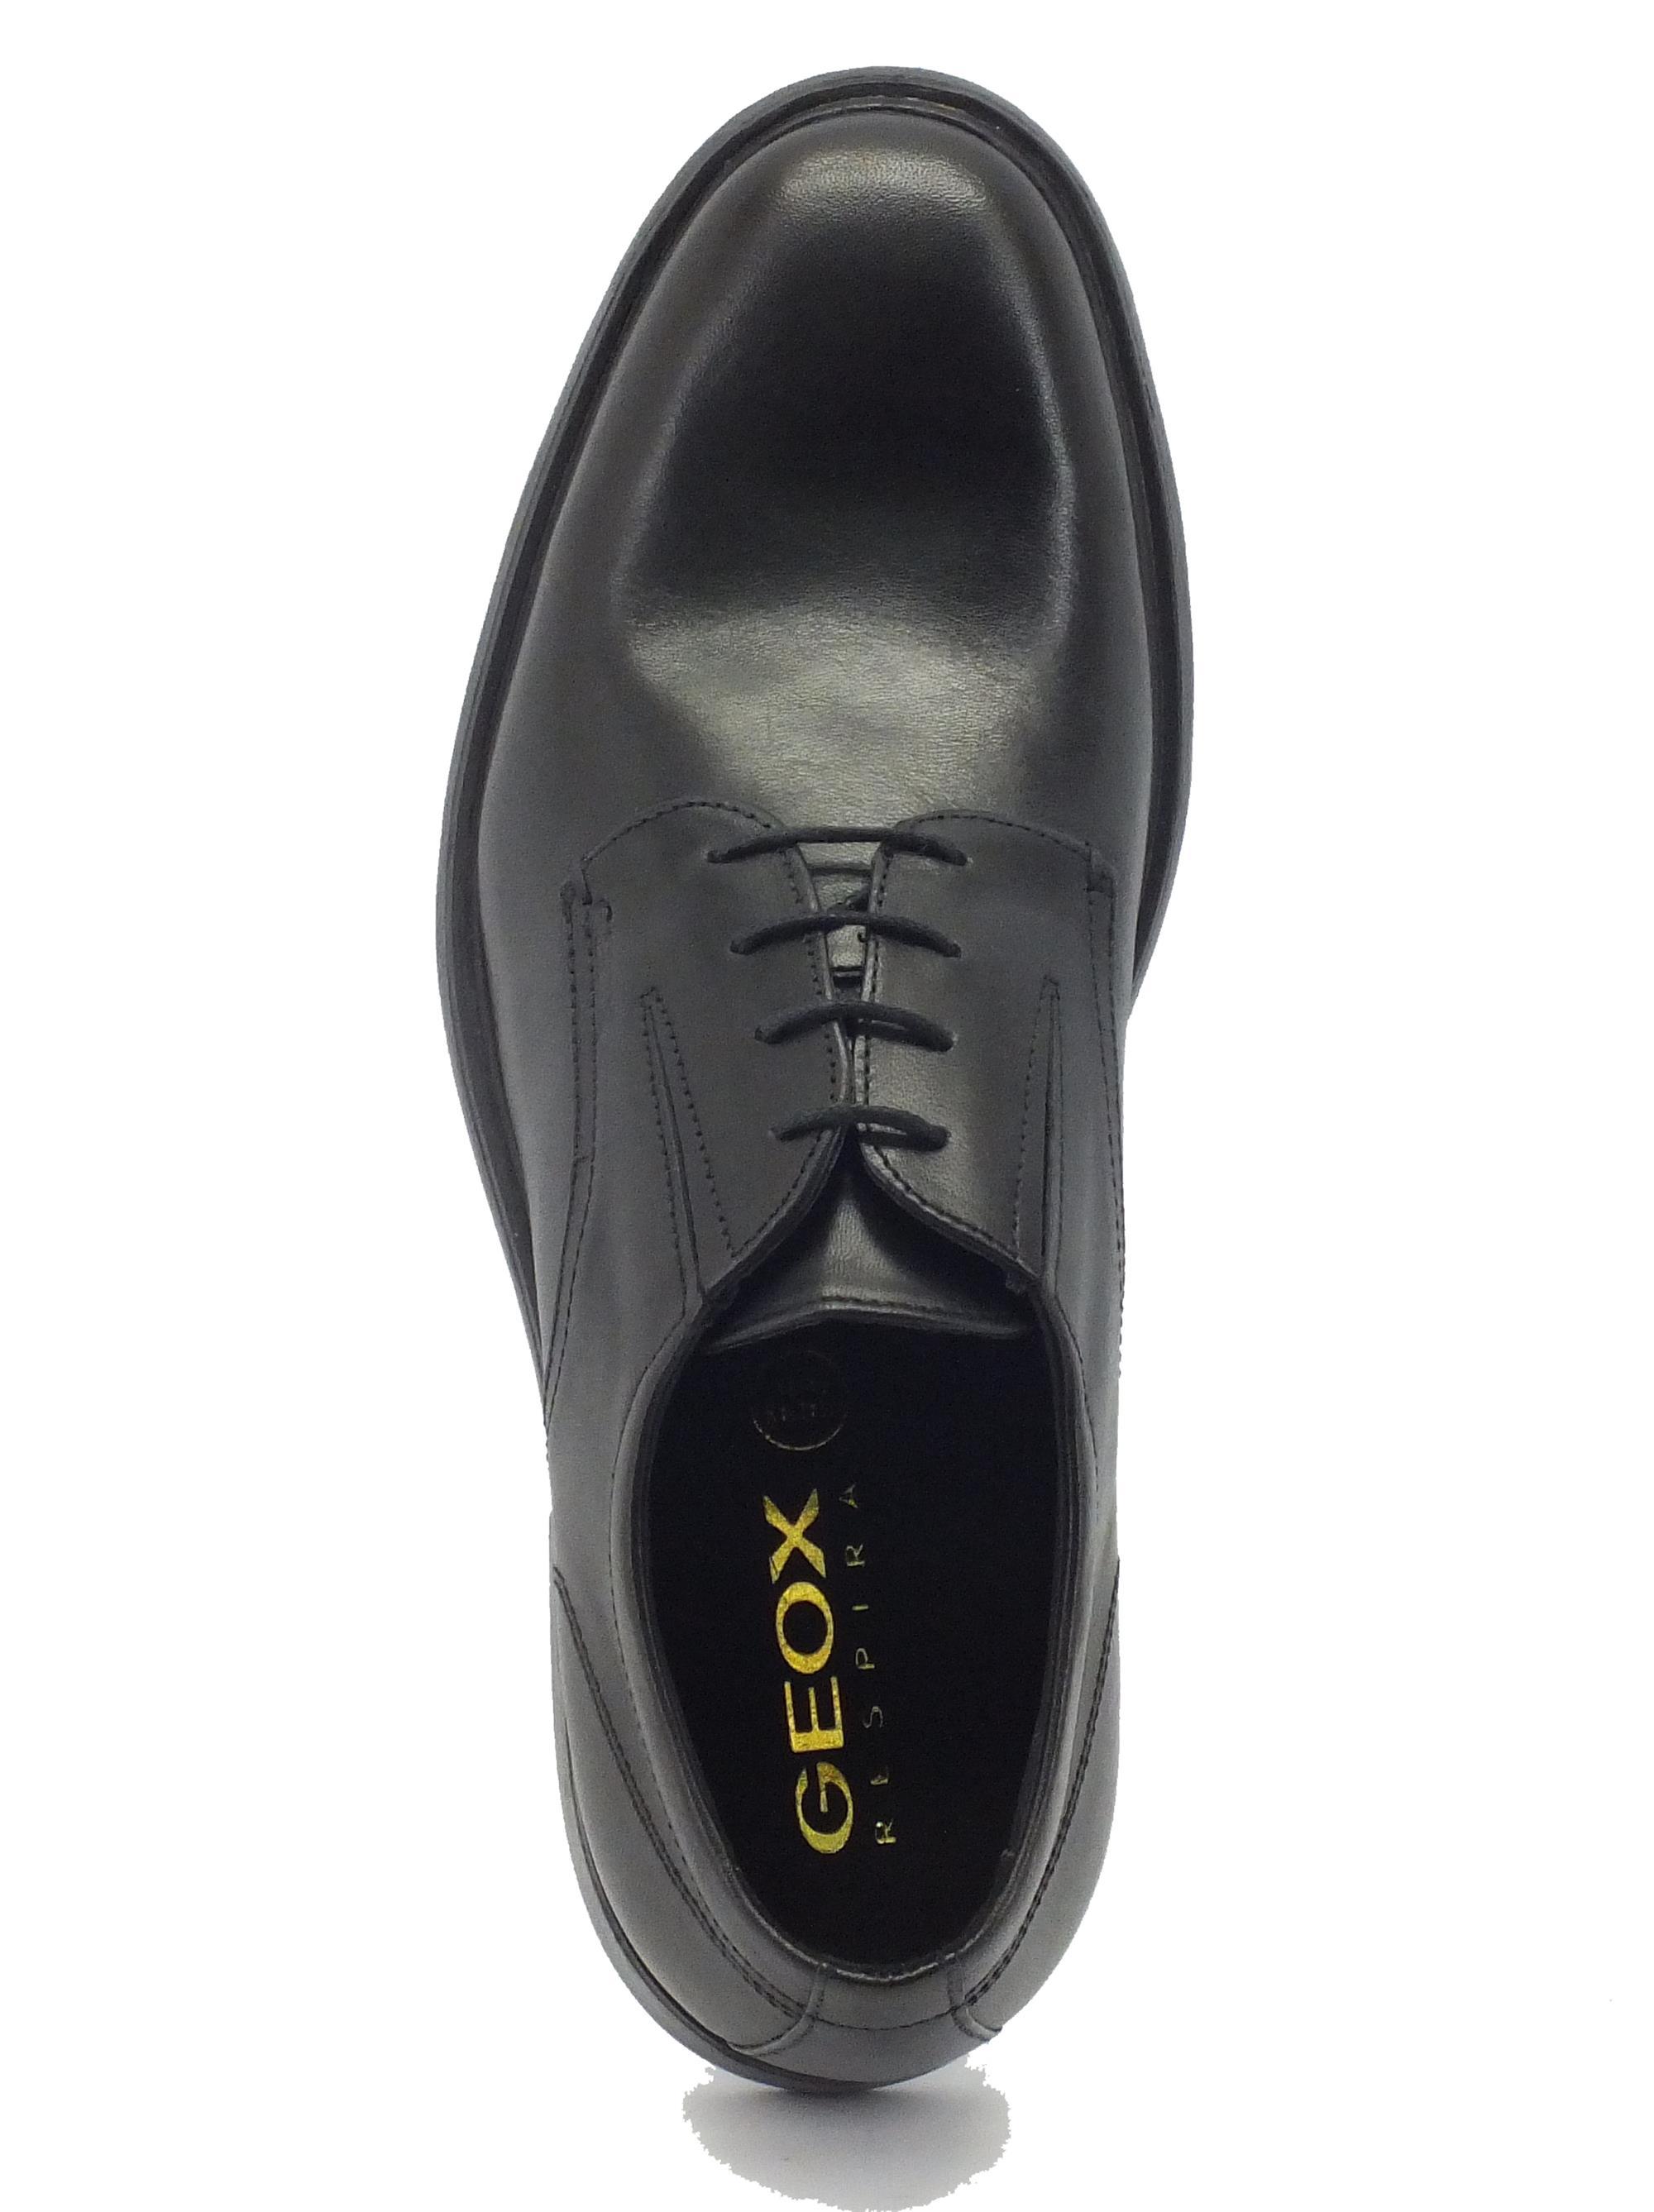 586706e0f64461 Scarpe Geox uomo modello classico pelle nera - Vitiello Calzature